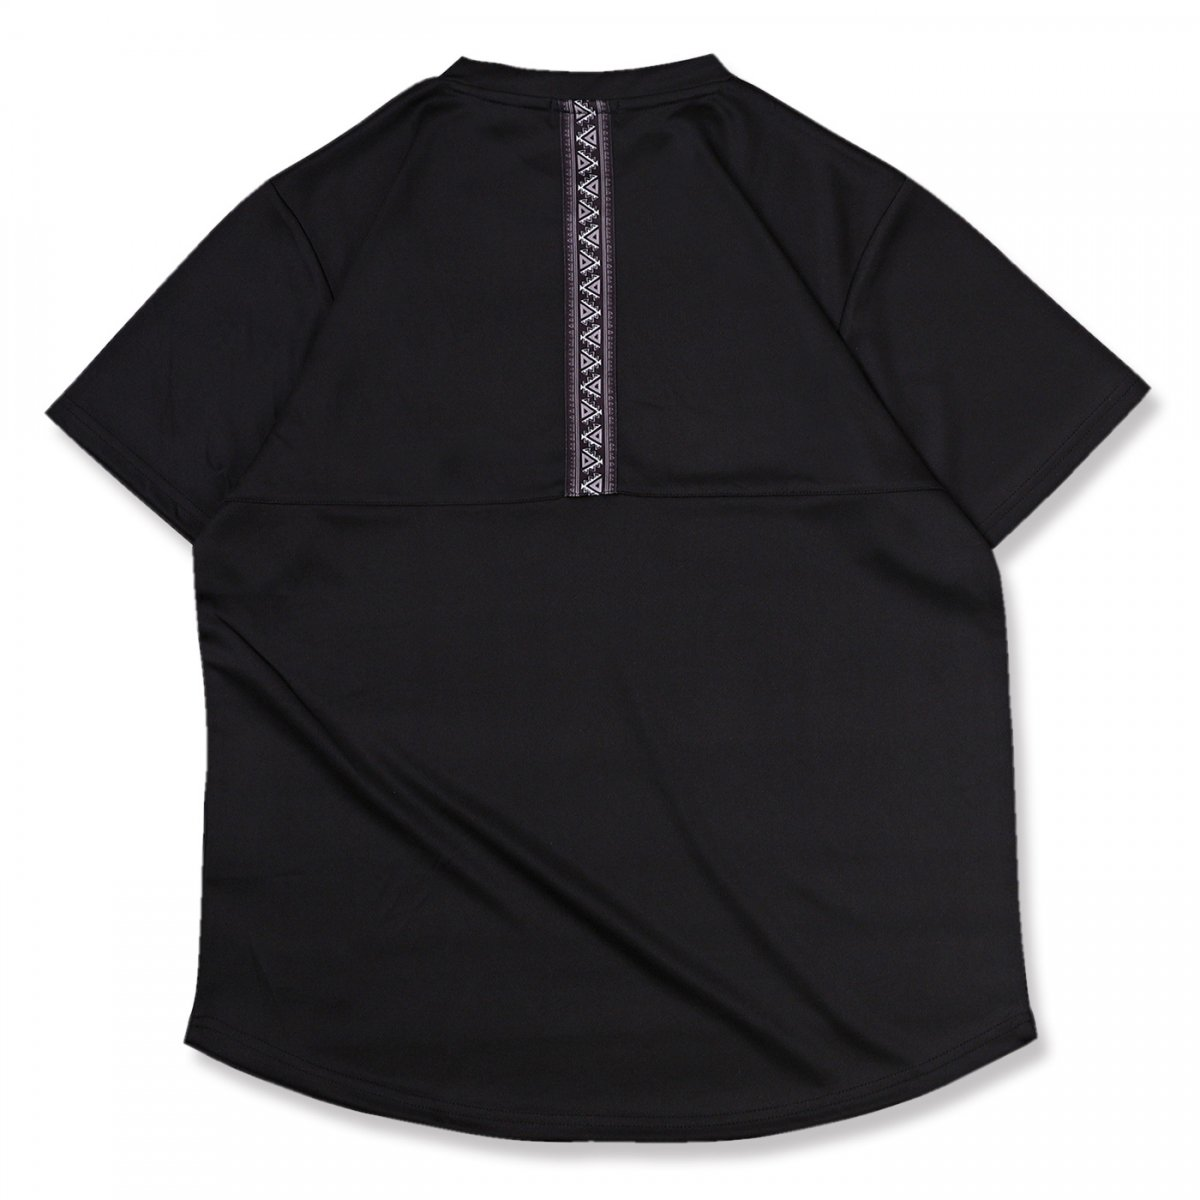 エスニックライン Tシャツブラック